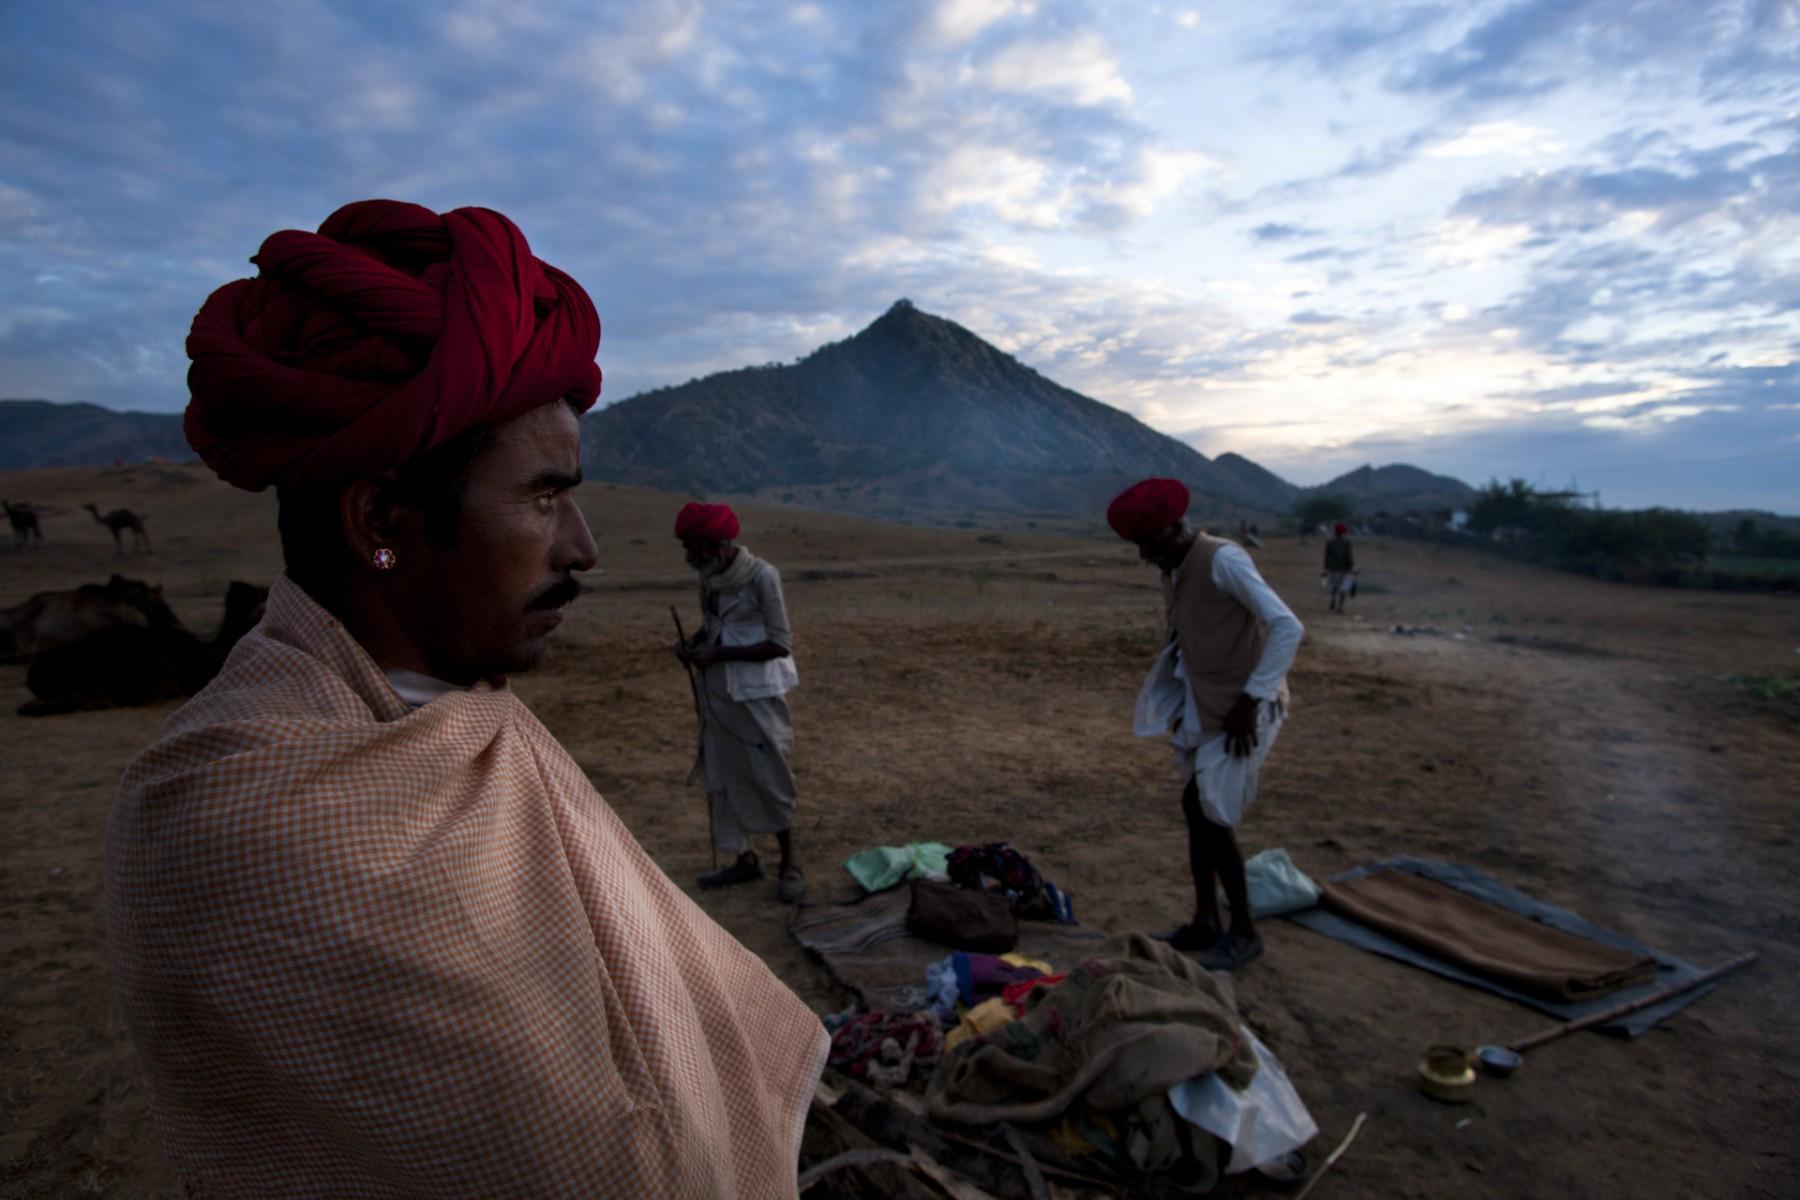 Packing up at Pushkar camel fair